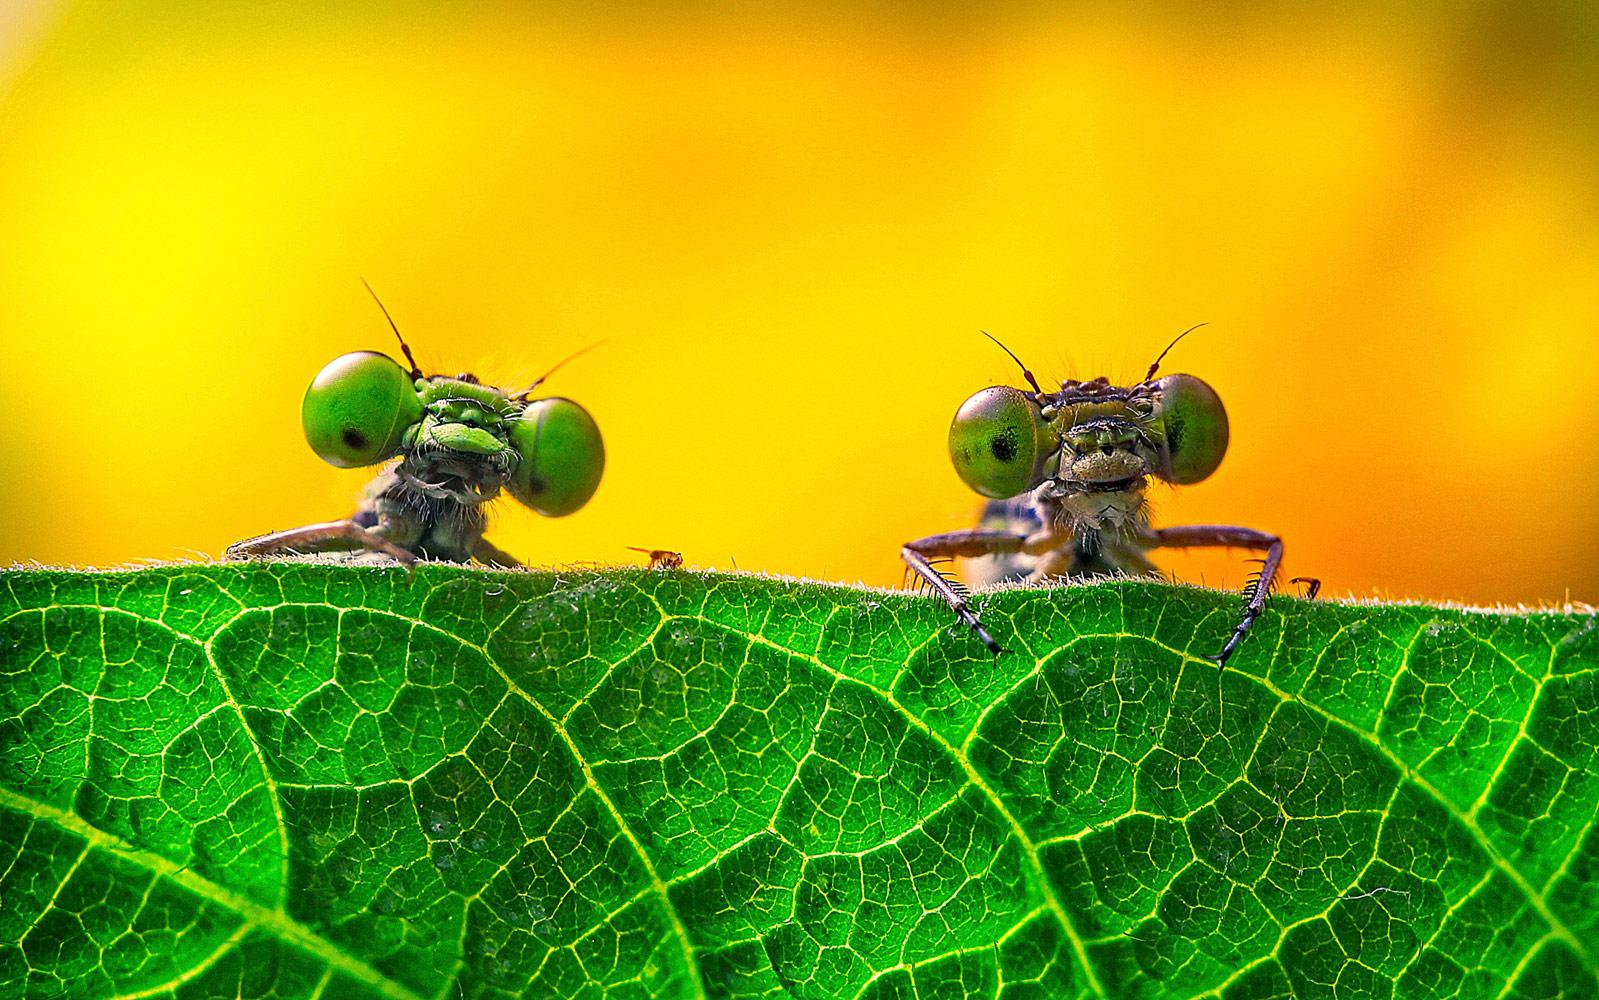 Двое с большими глазами, © Мяо Юн, Фотоконкурс «Узоры в природе»